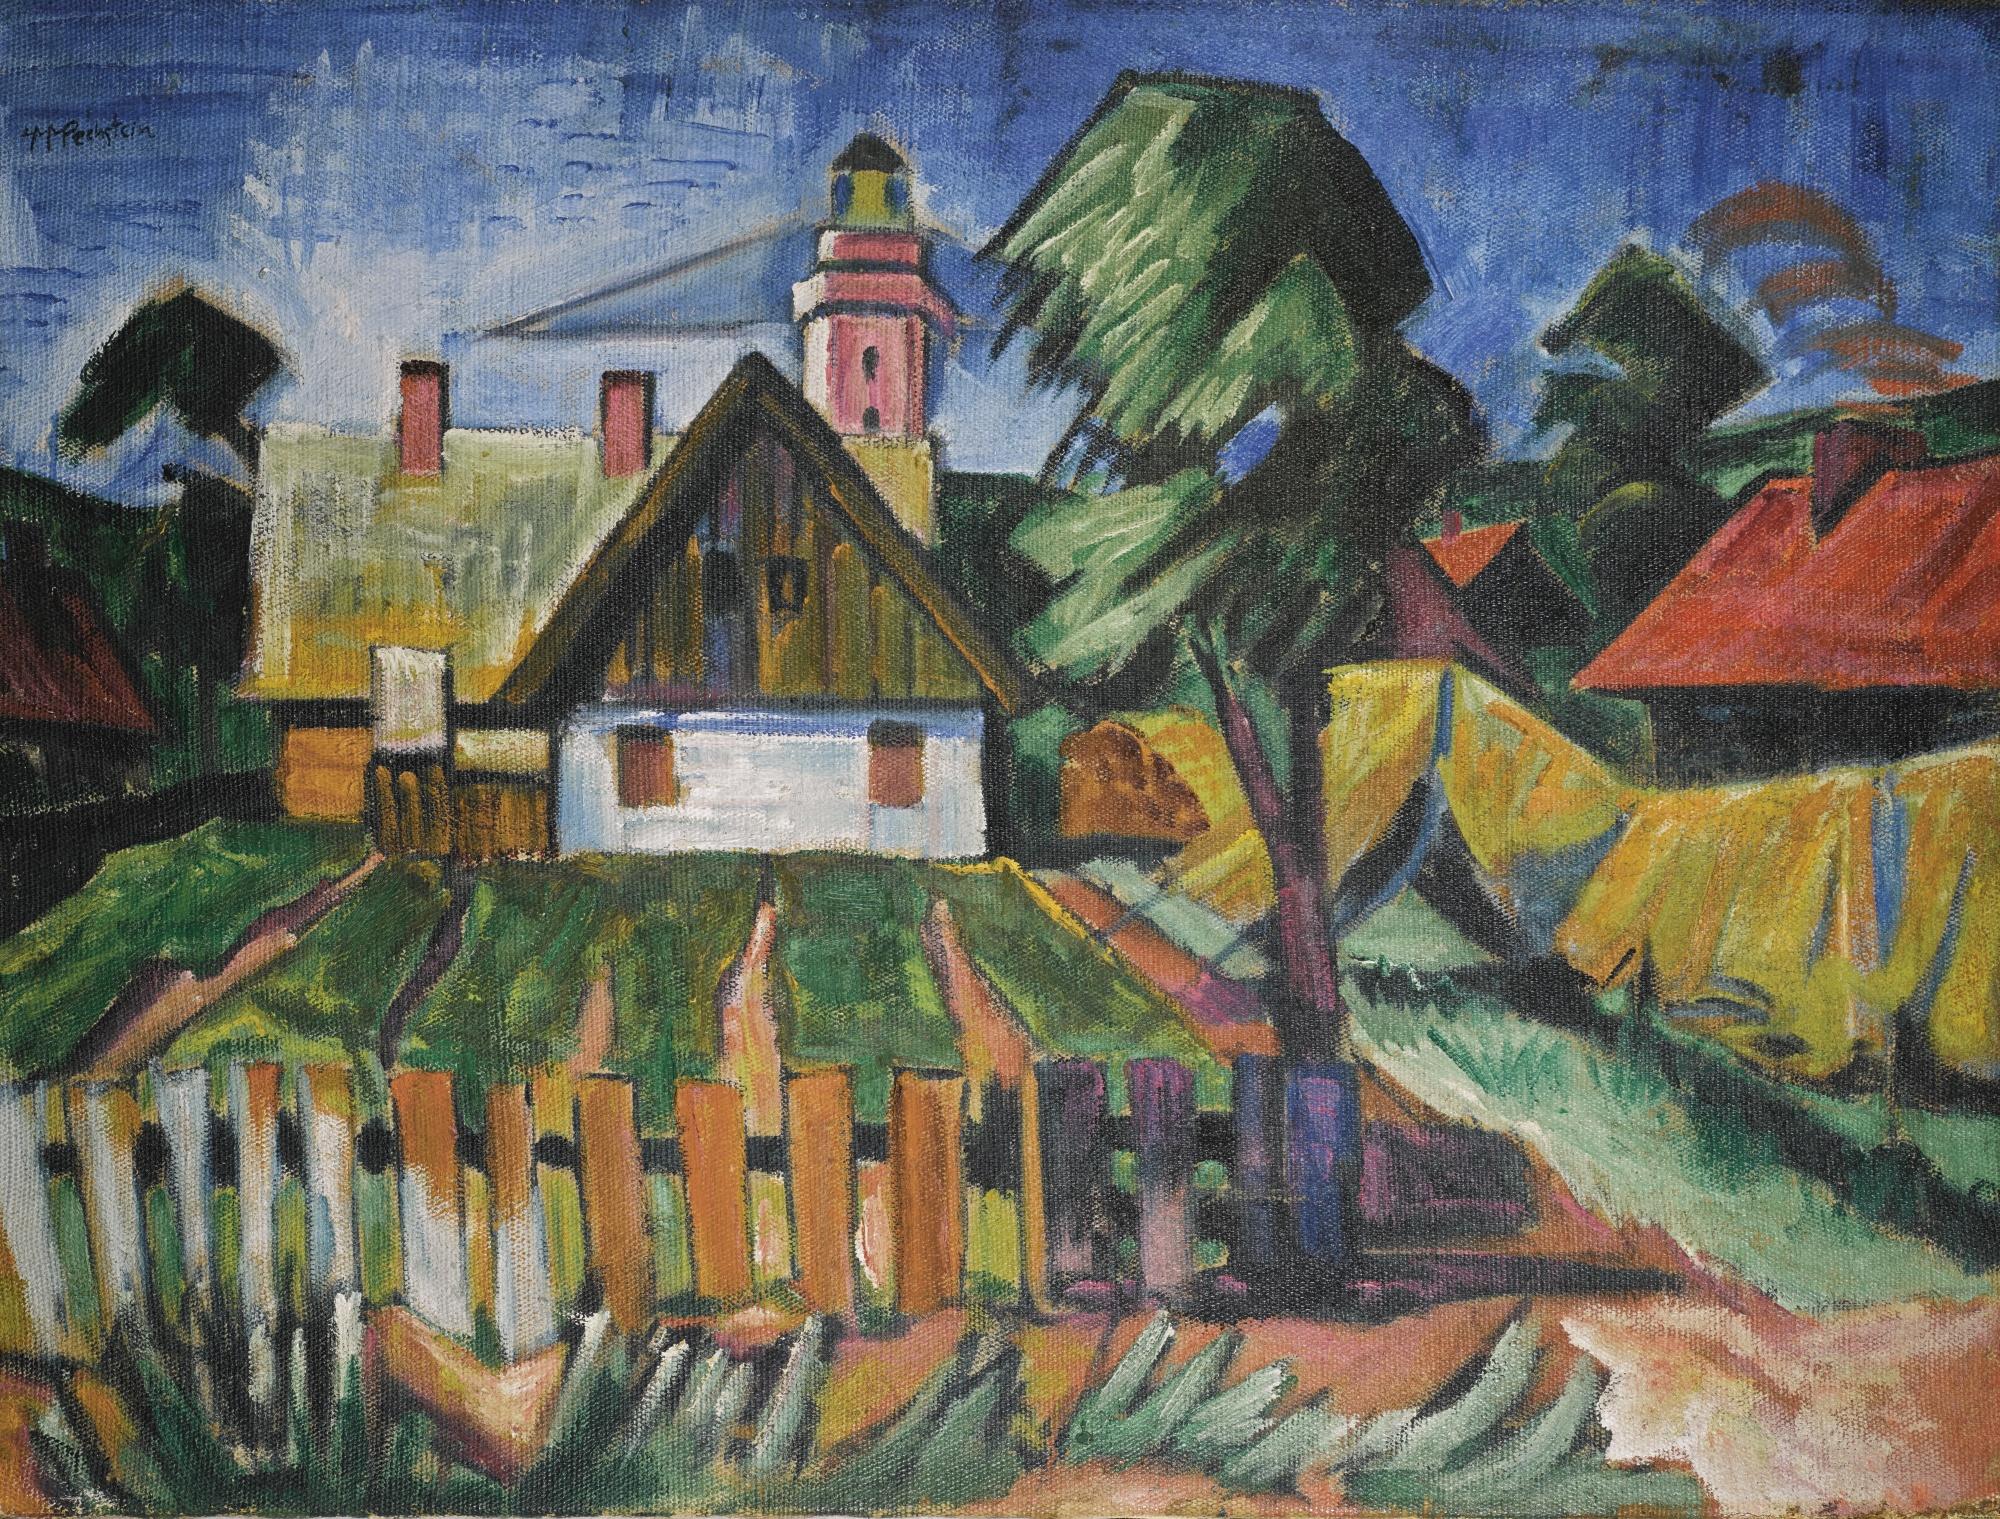 Max Pechstein-Dorflandschaft (Village Scene)-1920